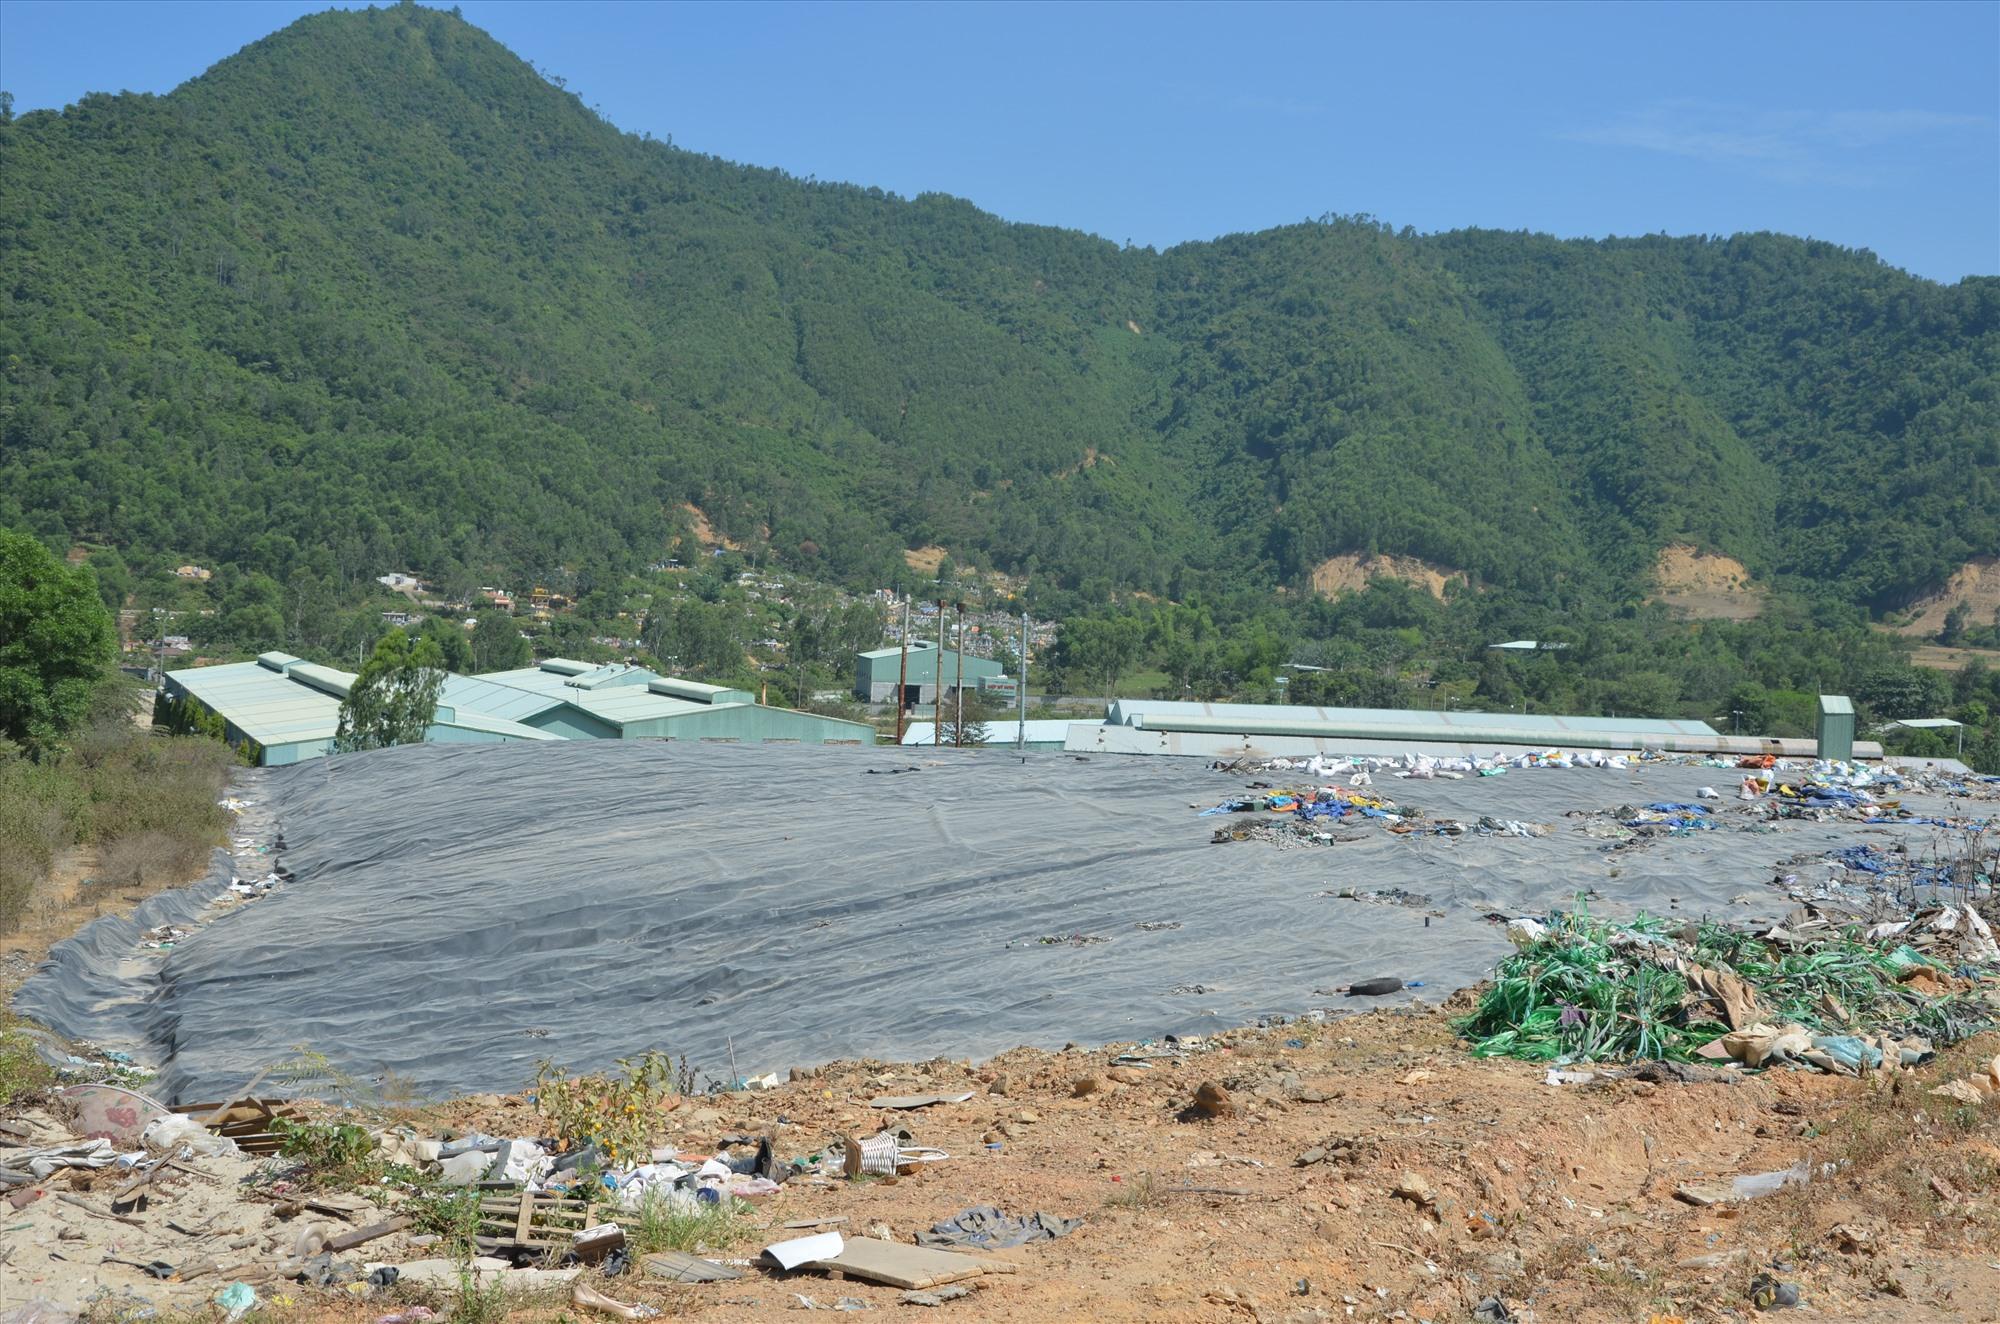 HĐND tỉnh đã thông qua Nghị quyết về cơ chế hỗ trợ chất thải rắn giai đoạn 2020 - 2030, tạo điều kiện để các bãi rác được đầu tư quy mô và hoạt động hiệu quả hơn.Ảnh: T.H